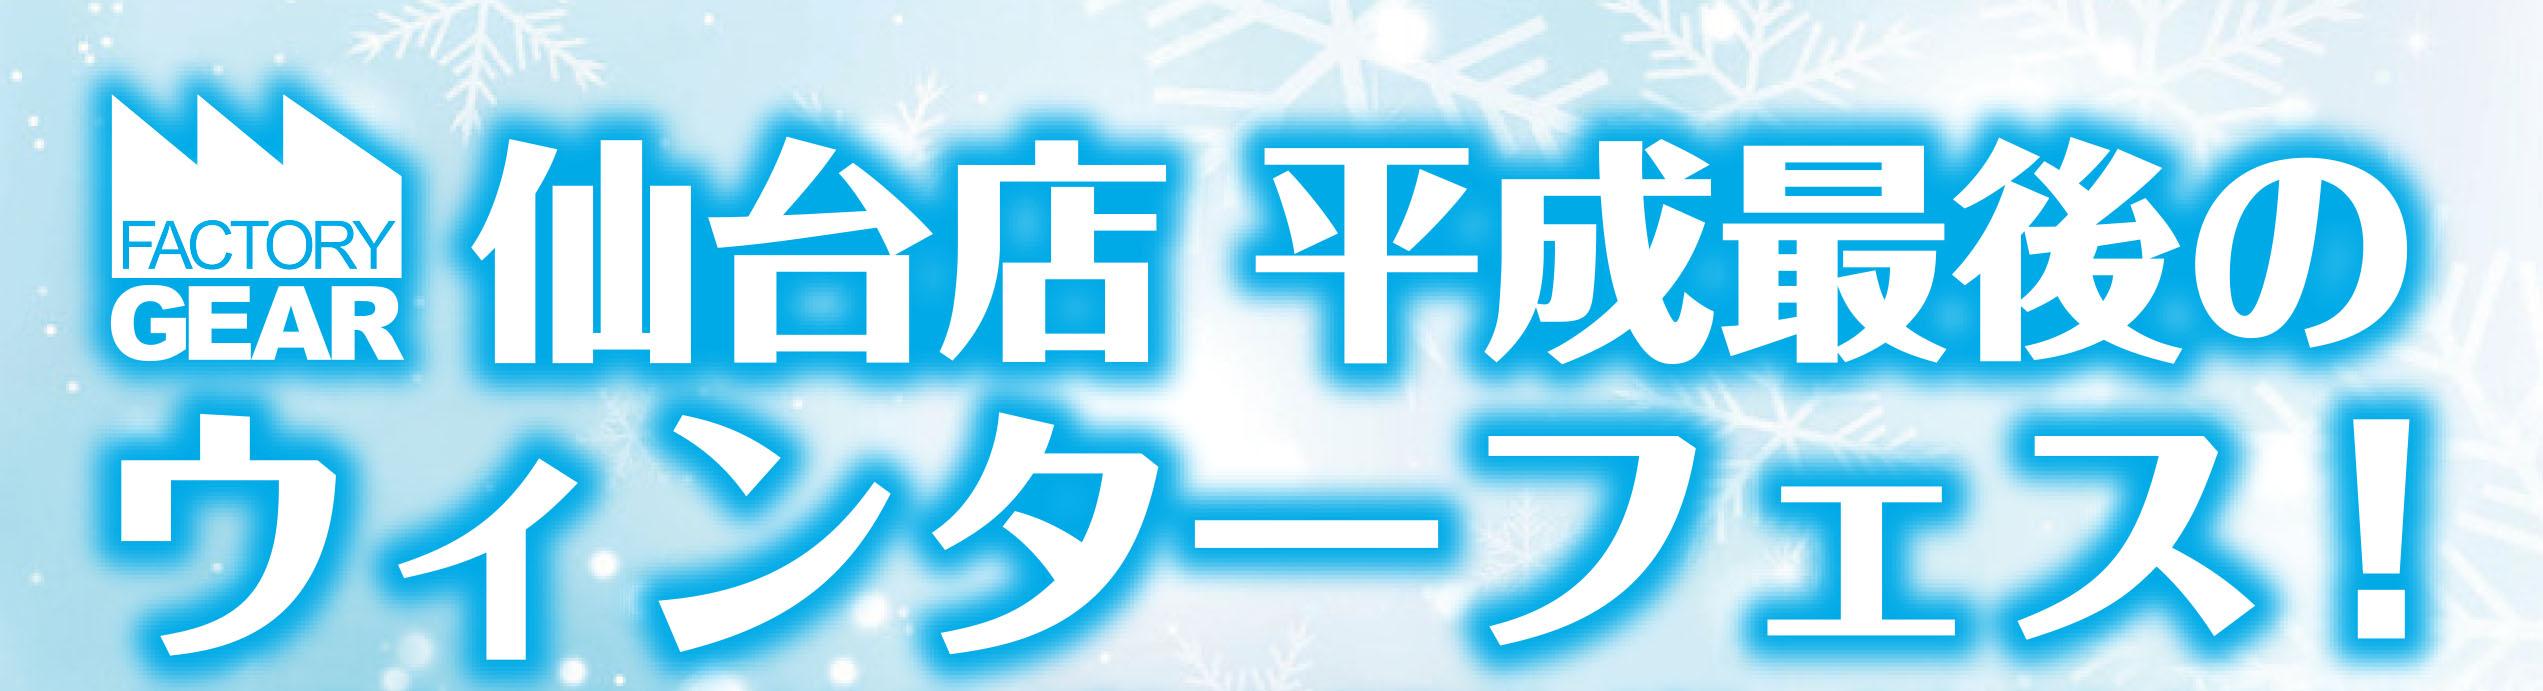 仙台冬イベント切り抜き